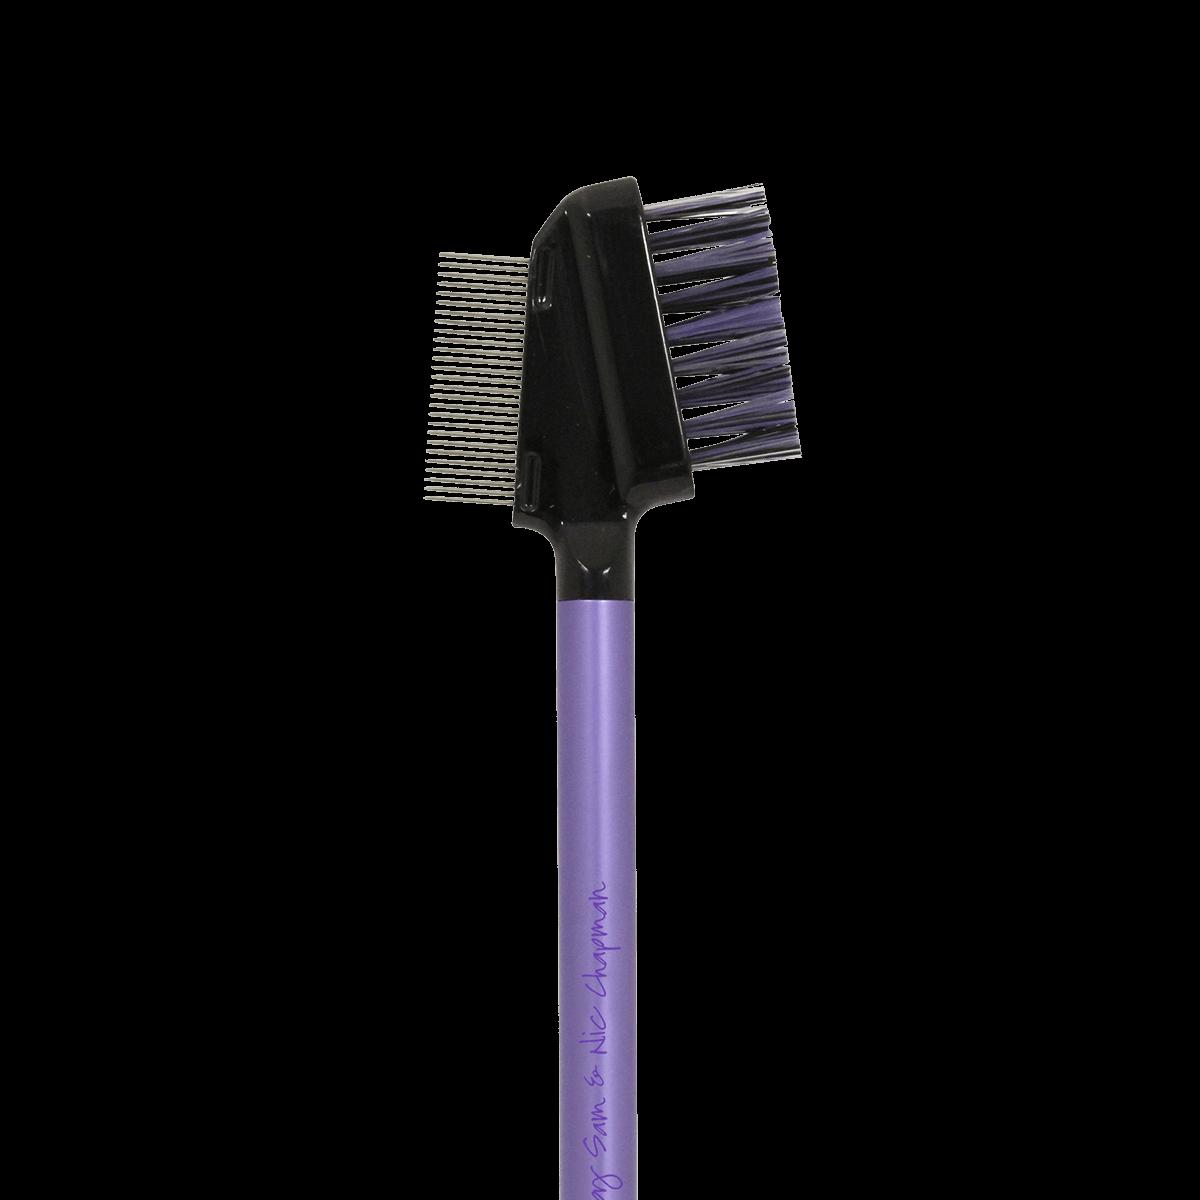 Расчёска для бровей/ресниц Lash-brow Groomer